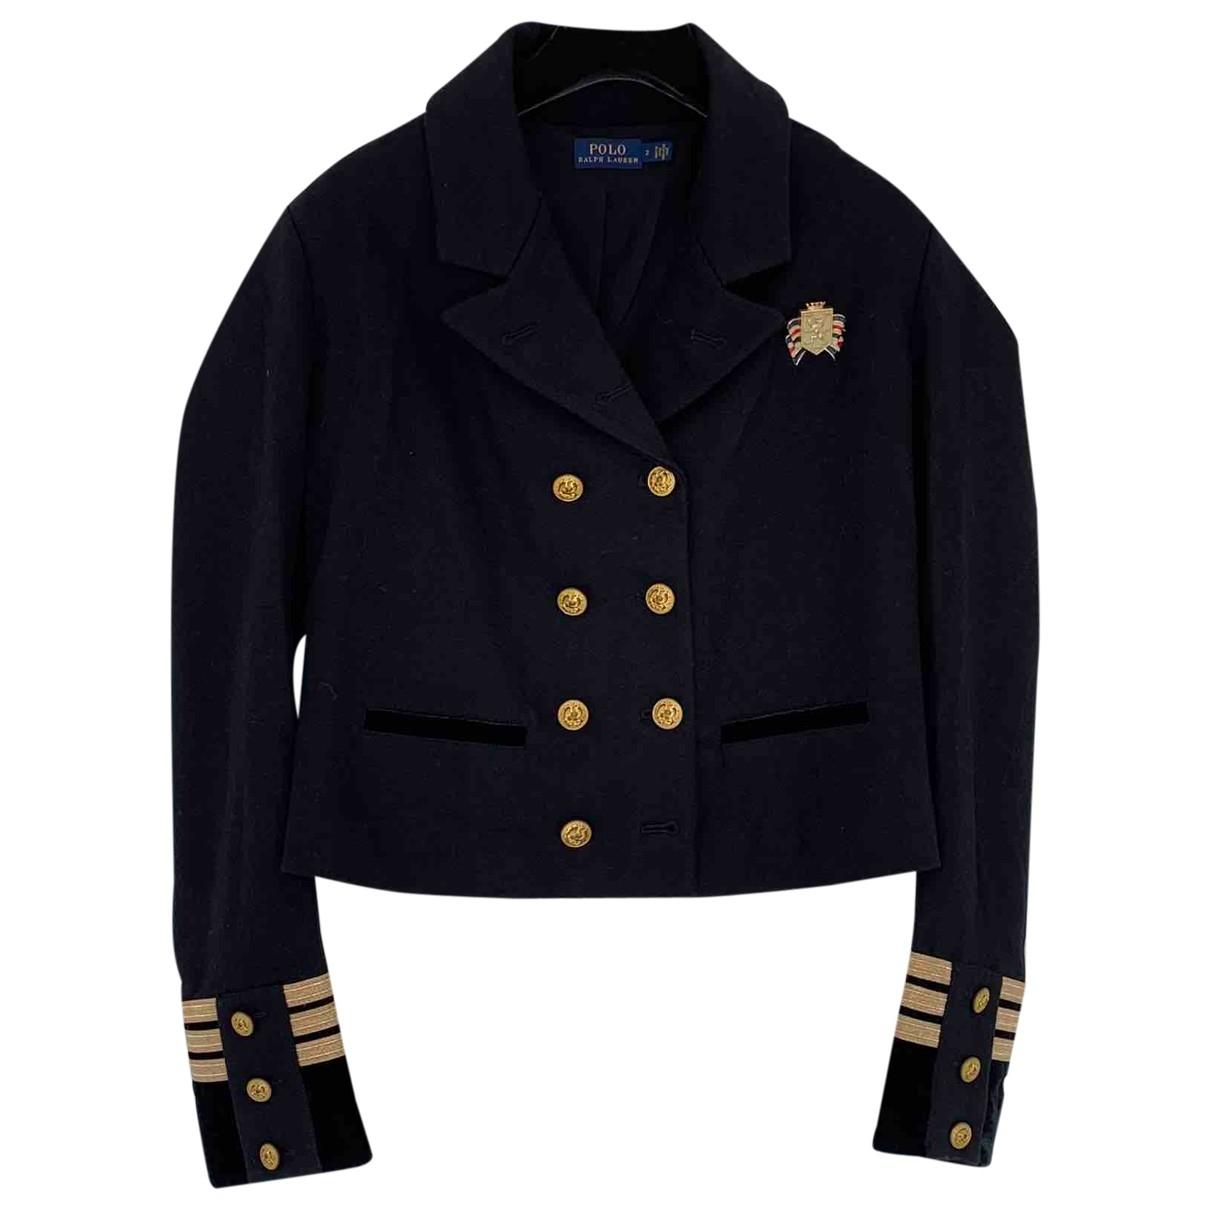 Polo Ralph Lauren \N Jacke in  Schwarz Wolle